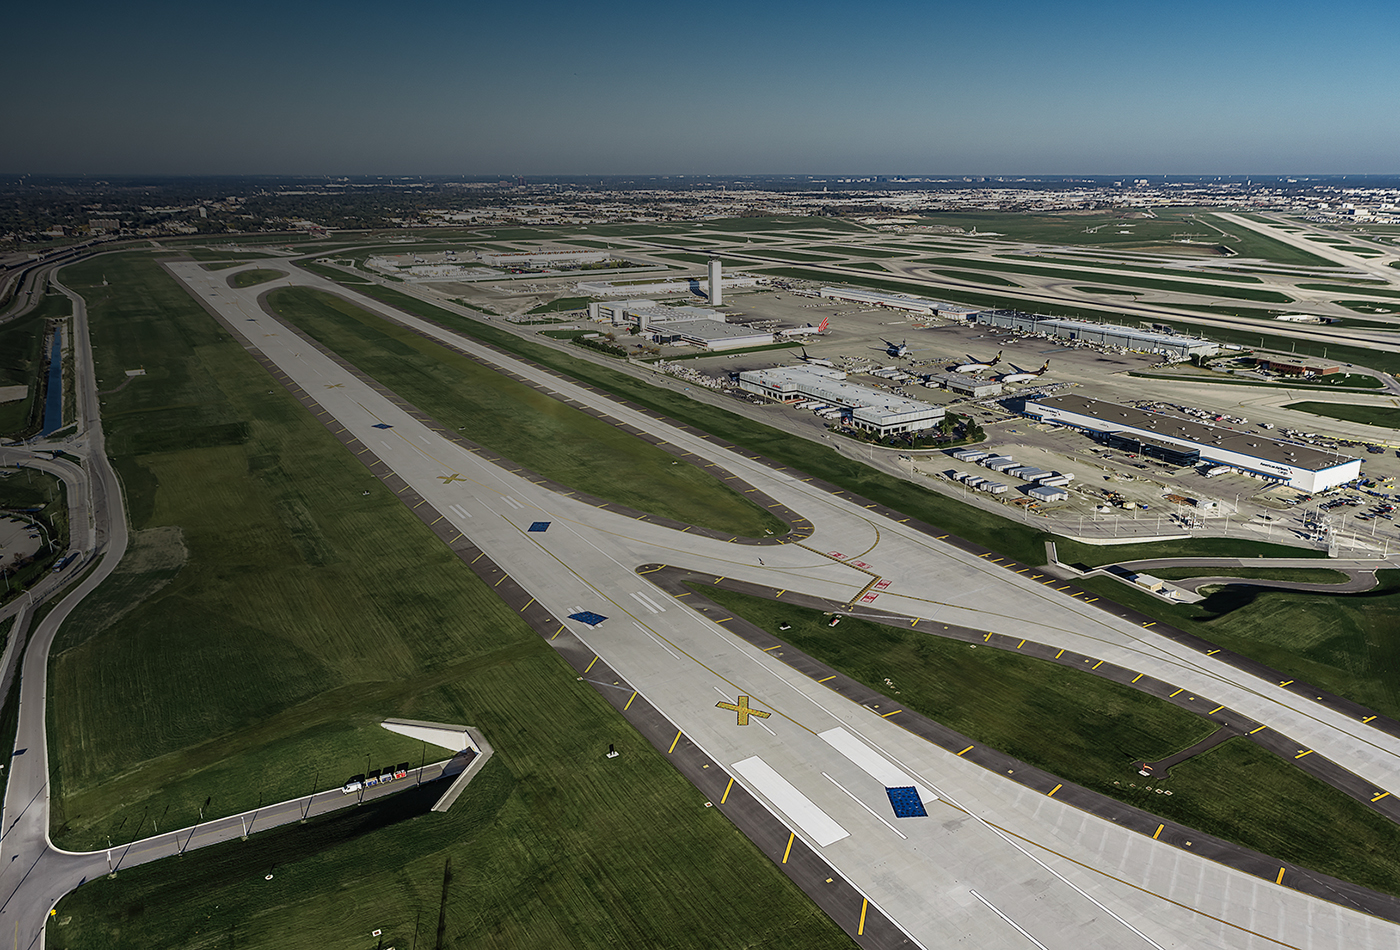 Epstein ohare international airport runway 10r 28l m4hsunfo